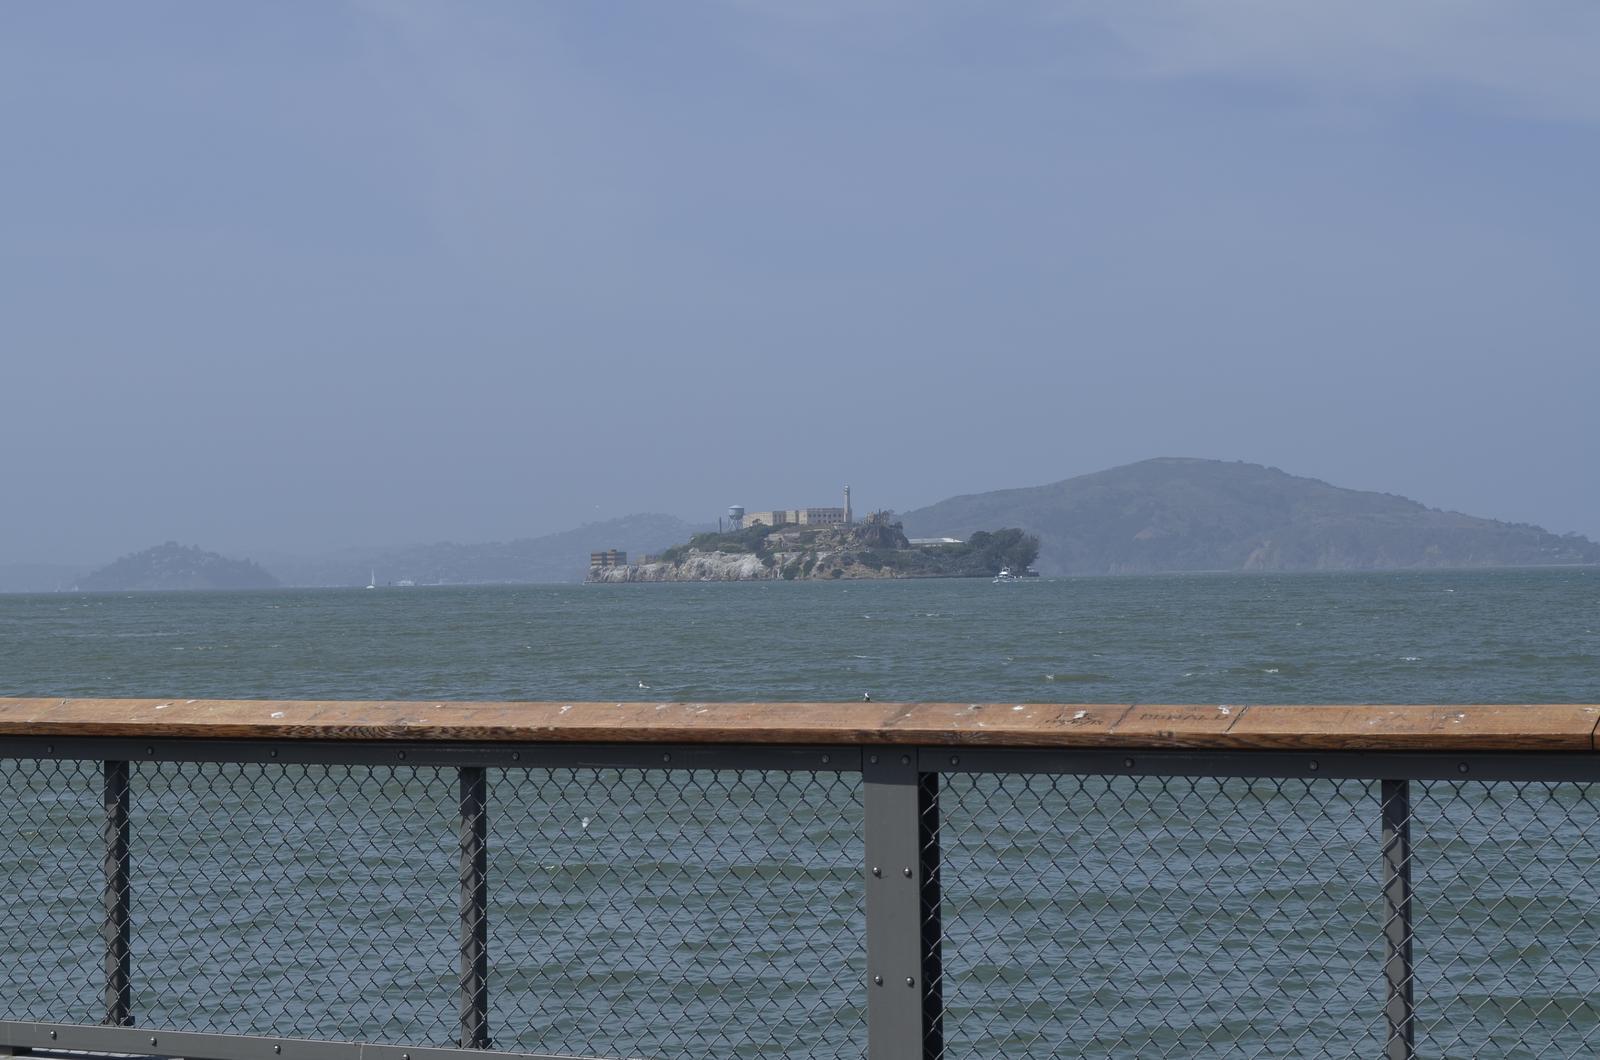 """""""If you can dream it, you can do it."""" - Alcatraz sme videli iba z diaľky, i keď sa vraj oplatí ísť sa tam pozrieť aj priamo, my sme sa tam nedostali, nedalo sa stihnúť úplne všetko žiaľ :("""